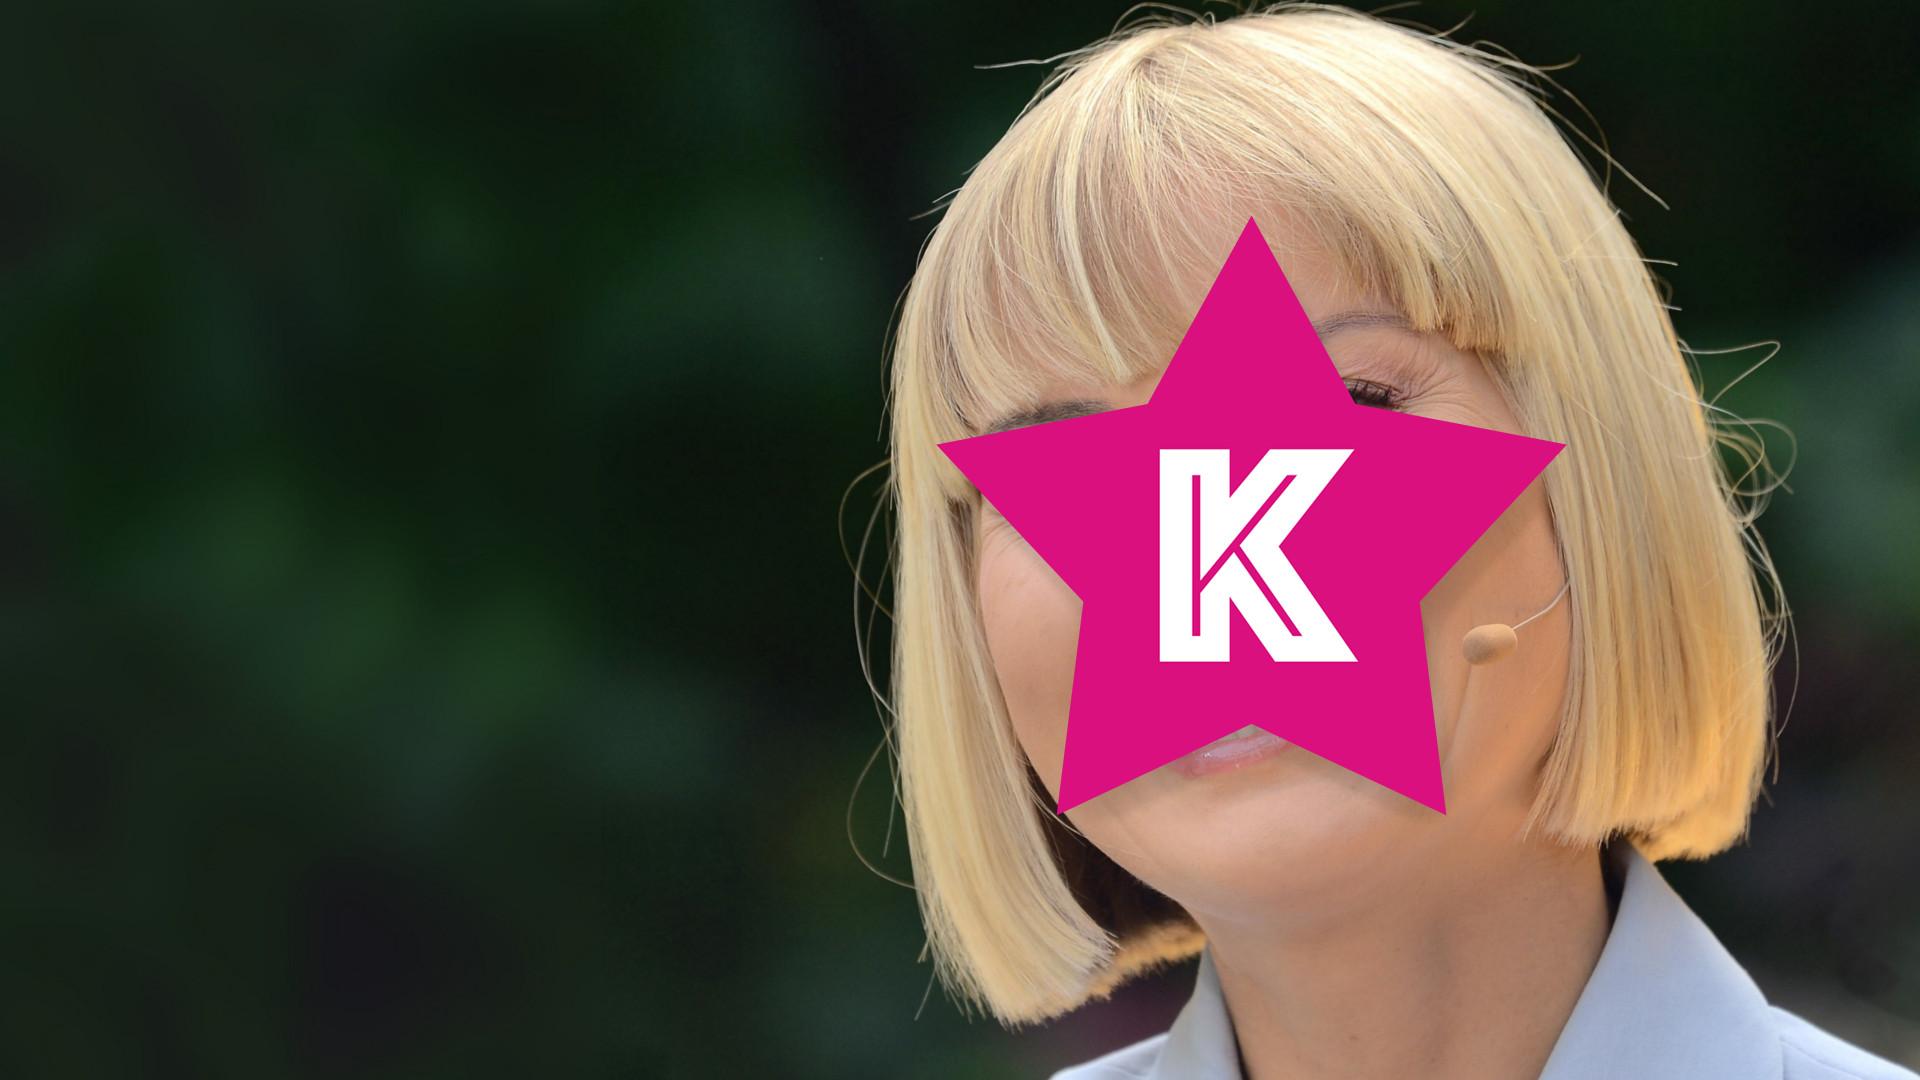 WOW! Polska aktorka zmieniła FRYZURĘ! Teraz nosi blond boba i wygląda GENIALNIE! (ZDJĘCIA)